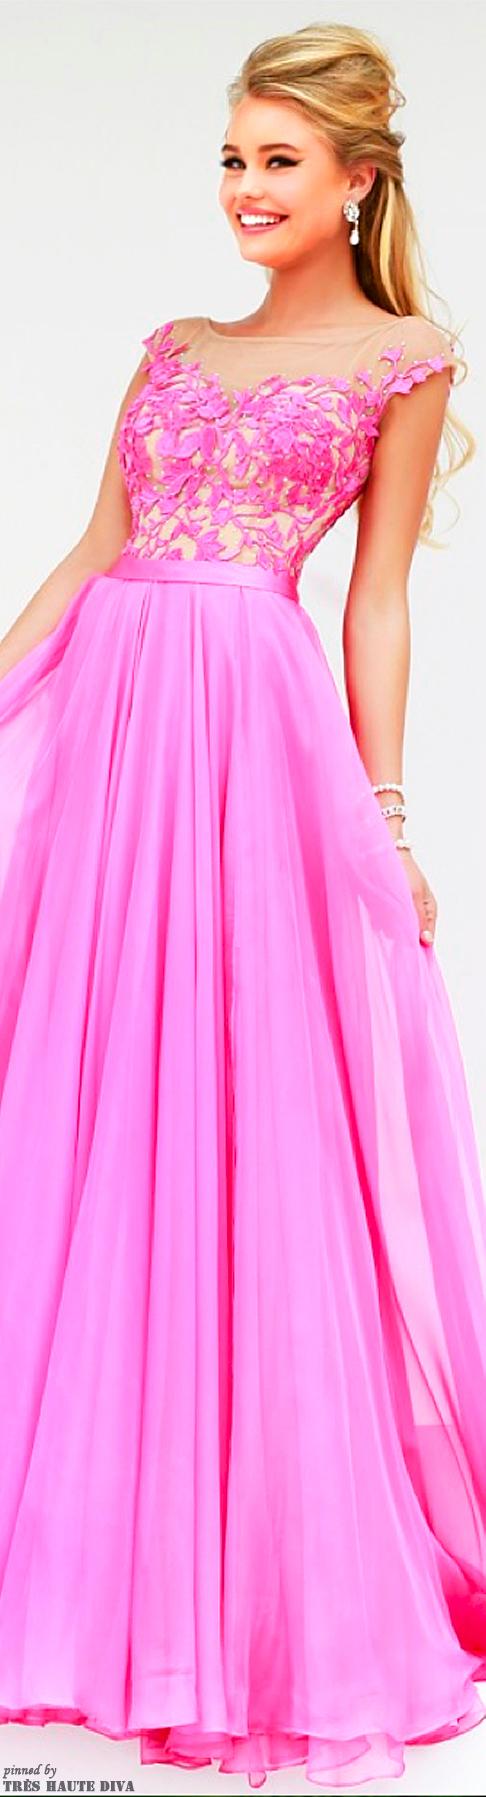 Sherri Hill Spring 2014 prom dress http://www.wedding-dressuk.co.uk ...